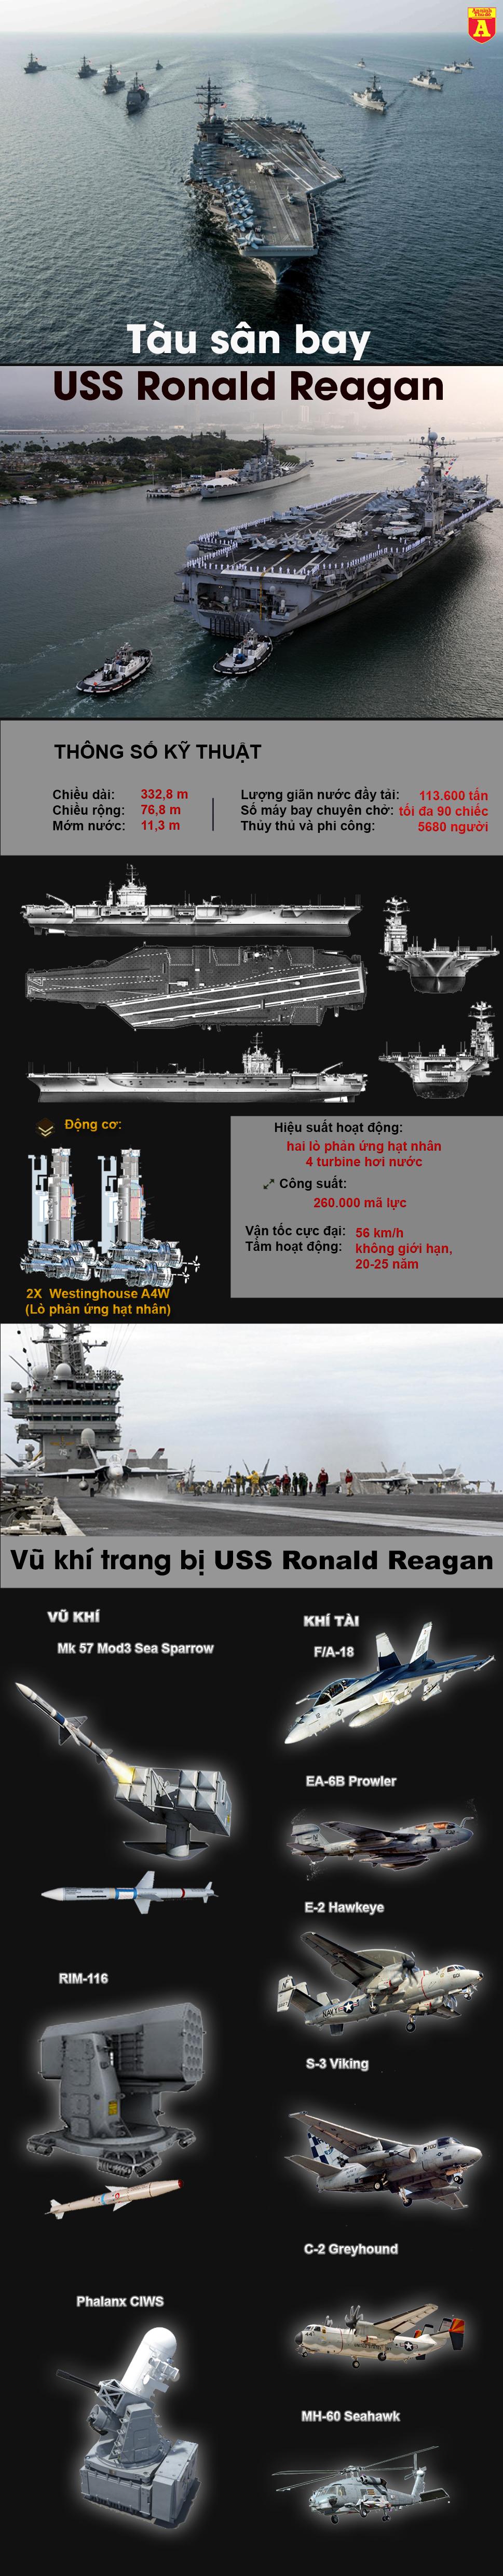 tàu chiến, tàu chiến Mỹ, Triều Tiên, tình hình Triều Tiên